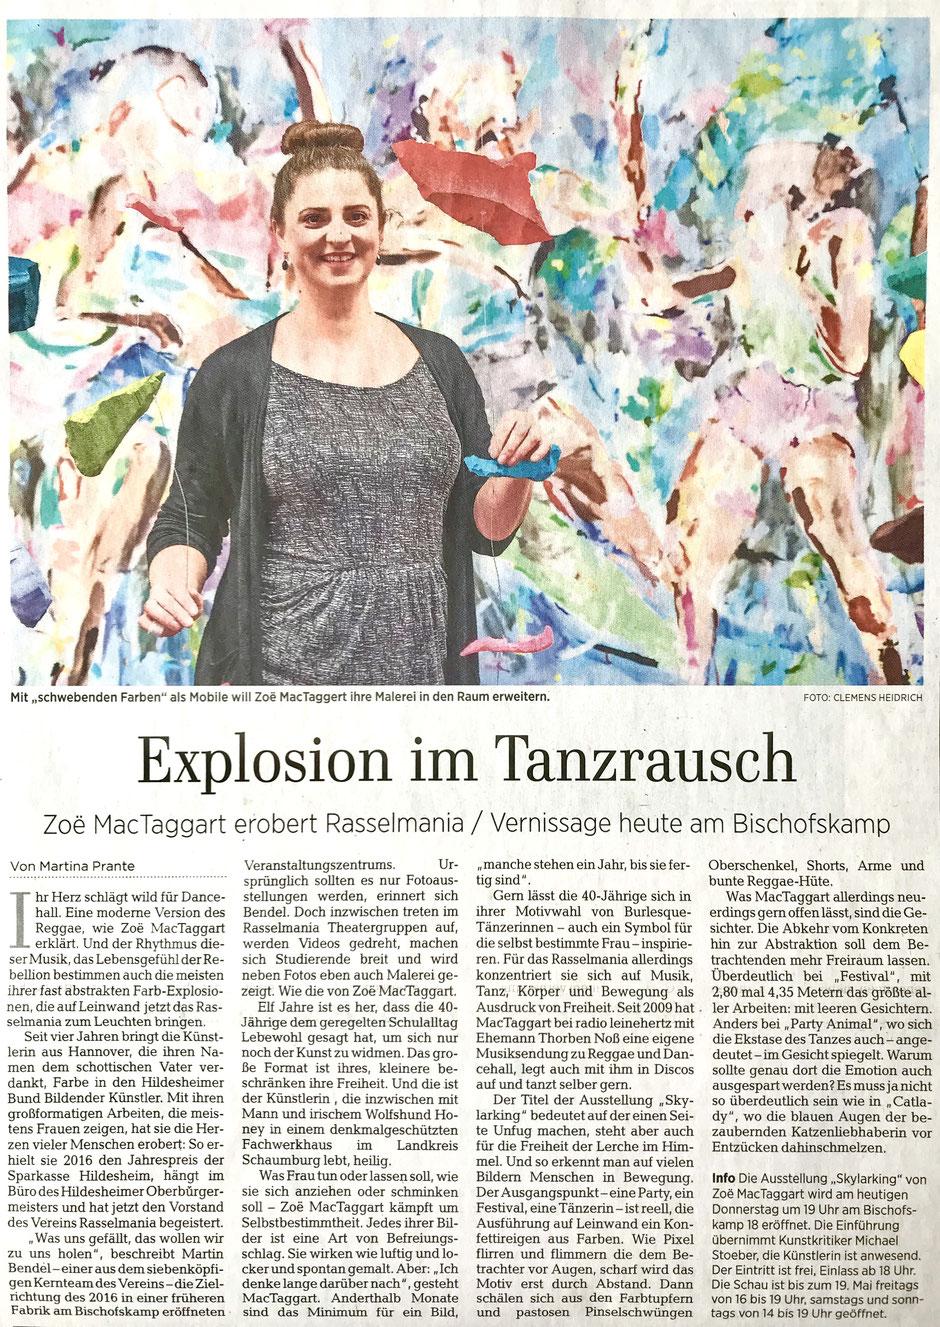 """""""Explosion im Tanzrausch - Zoë MacTaggart erobert Rasselmania"""" Artikel in der Hildesheimer Allgemeinen Zeitung am 02.05.2019"""